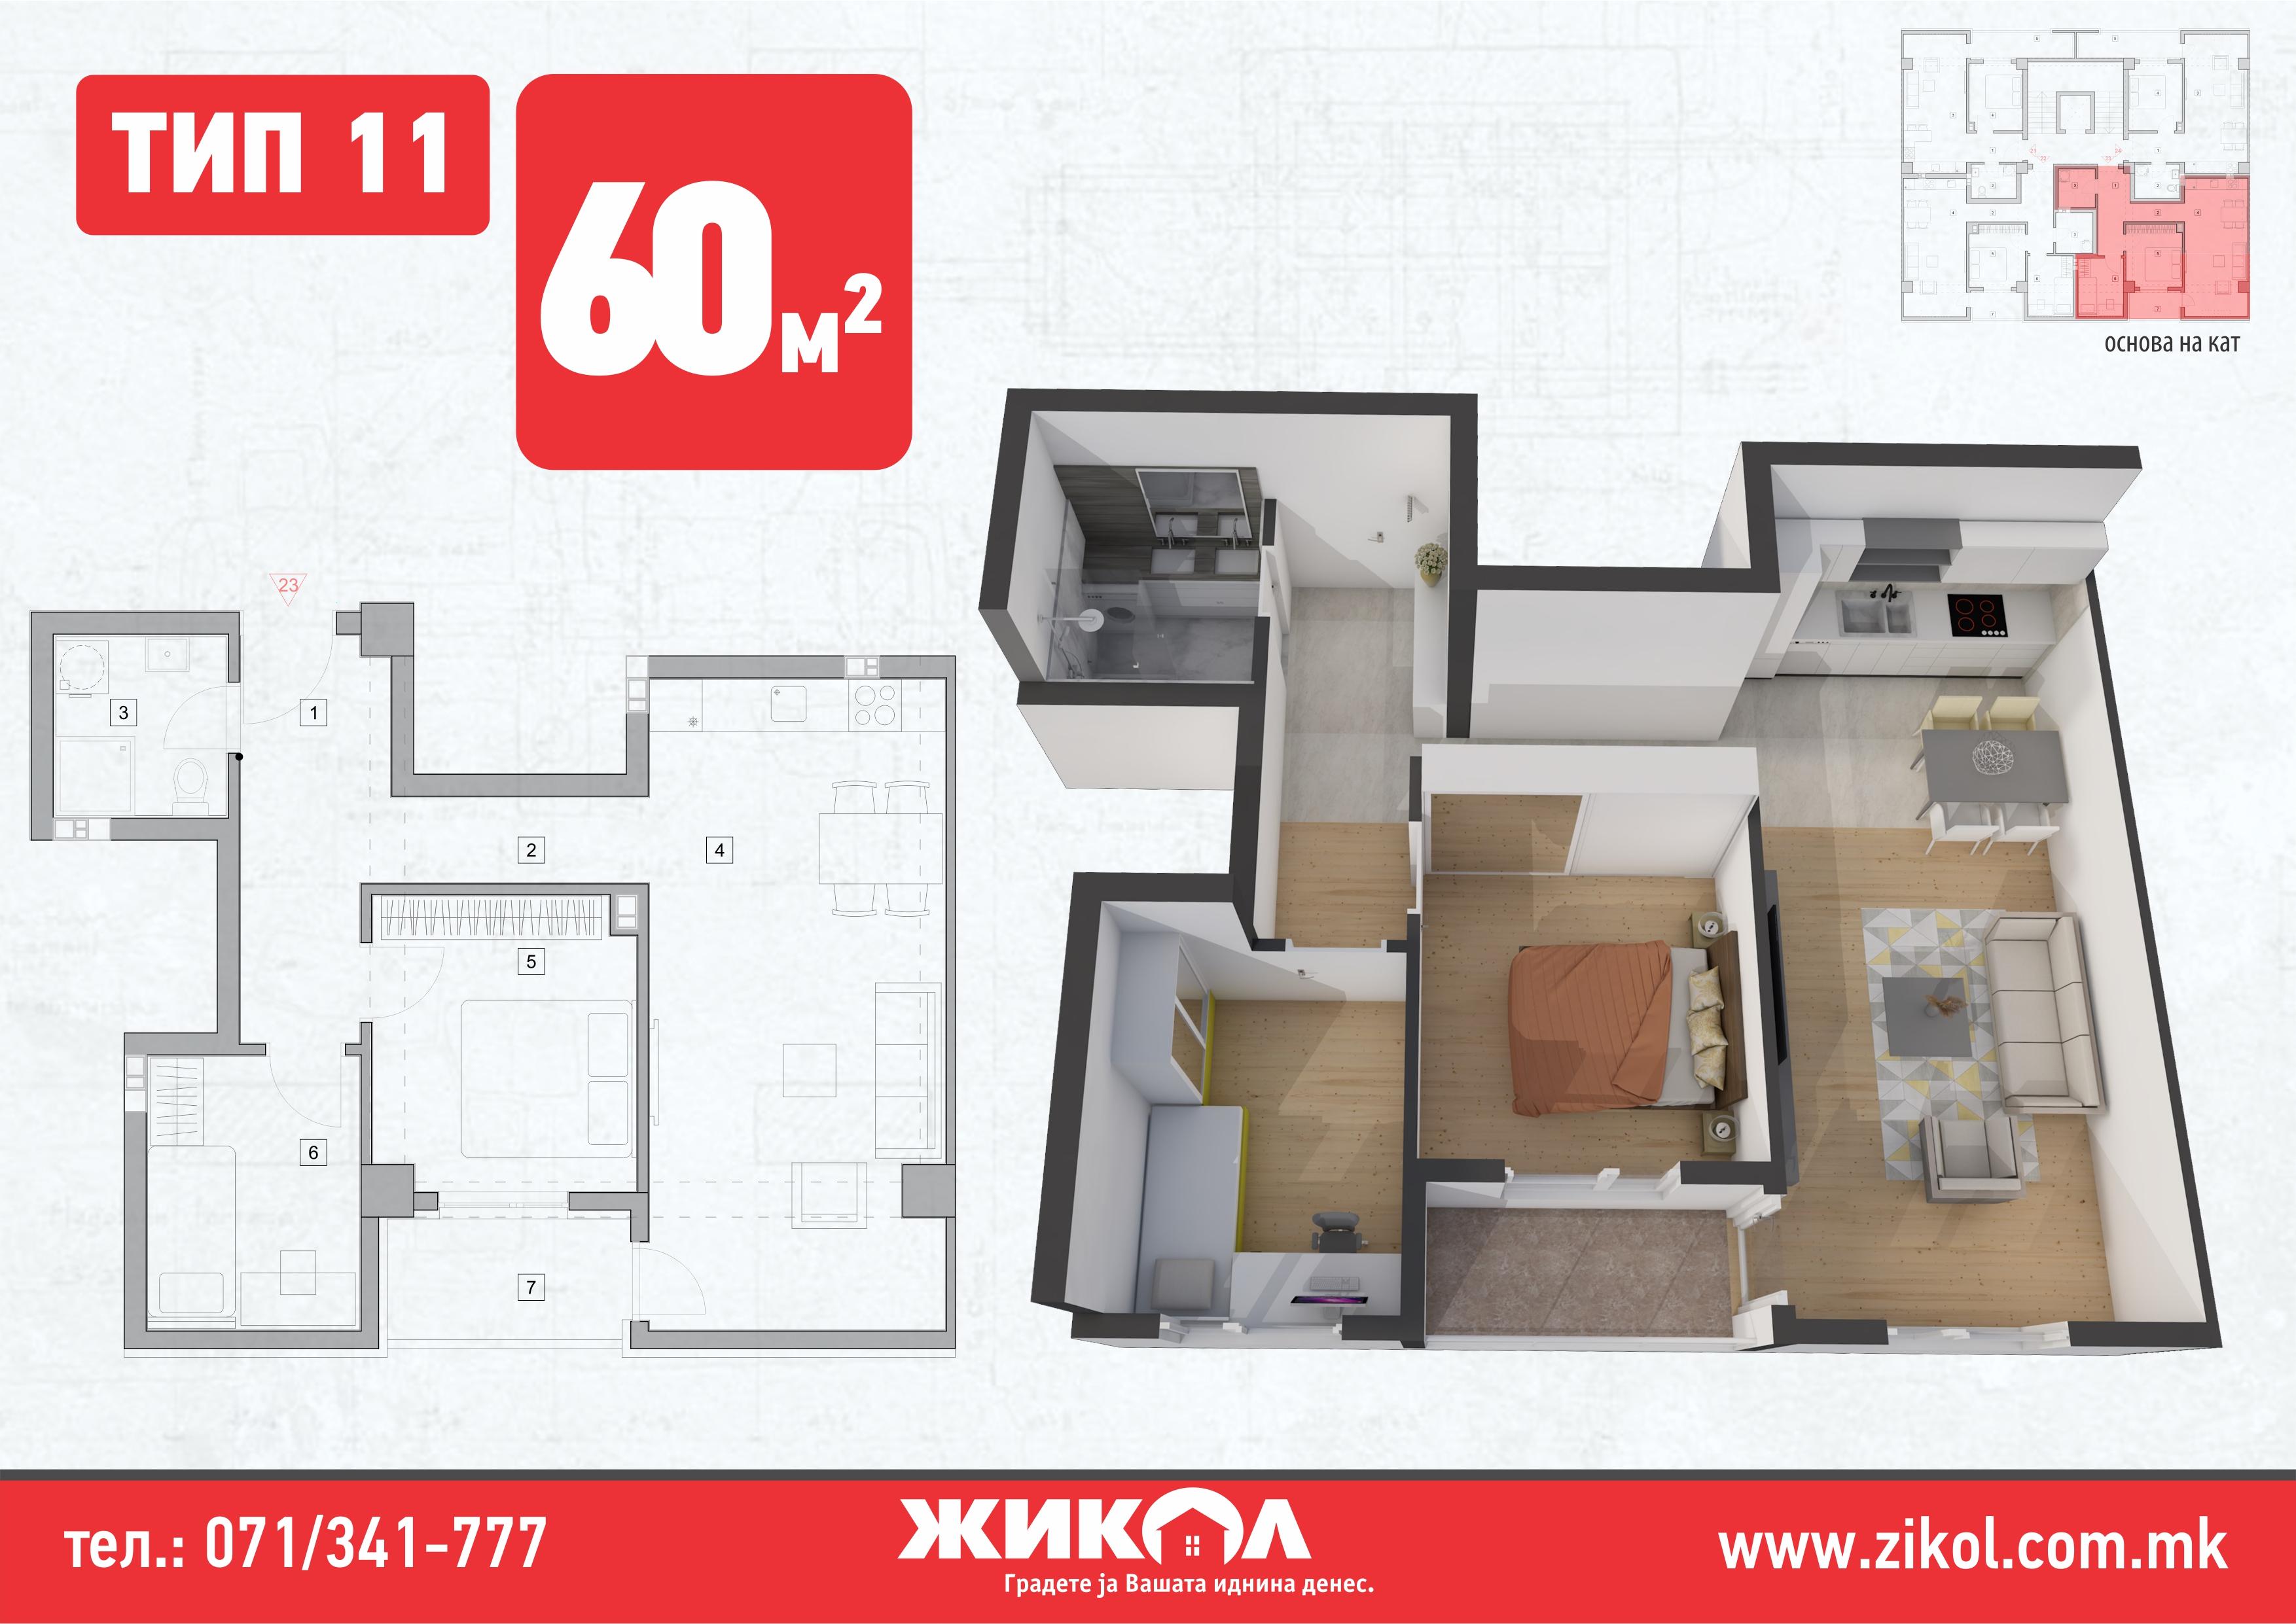 зграда 7, подкровје, стан 23